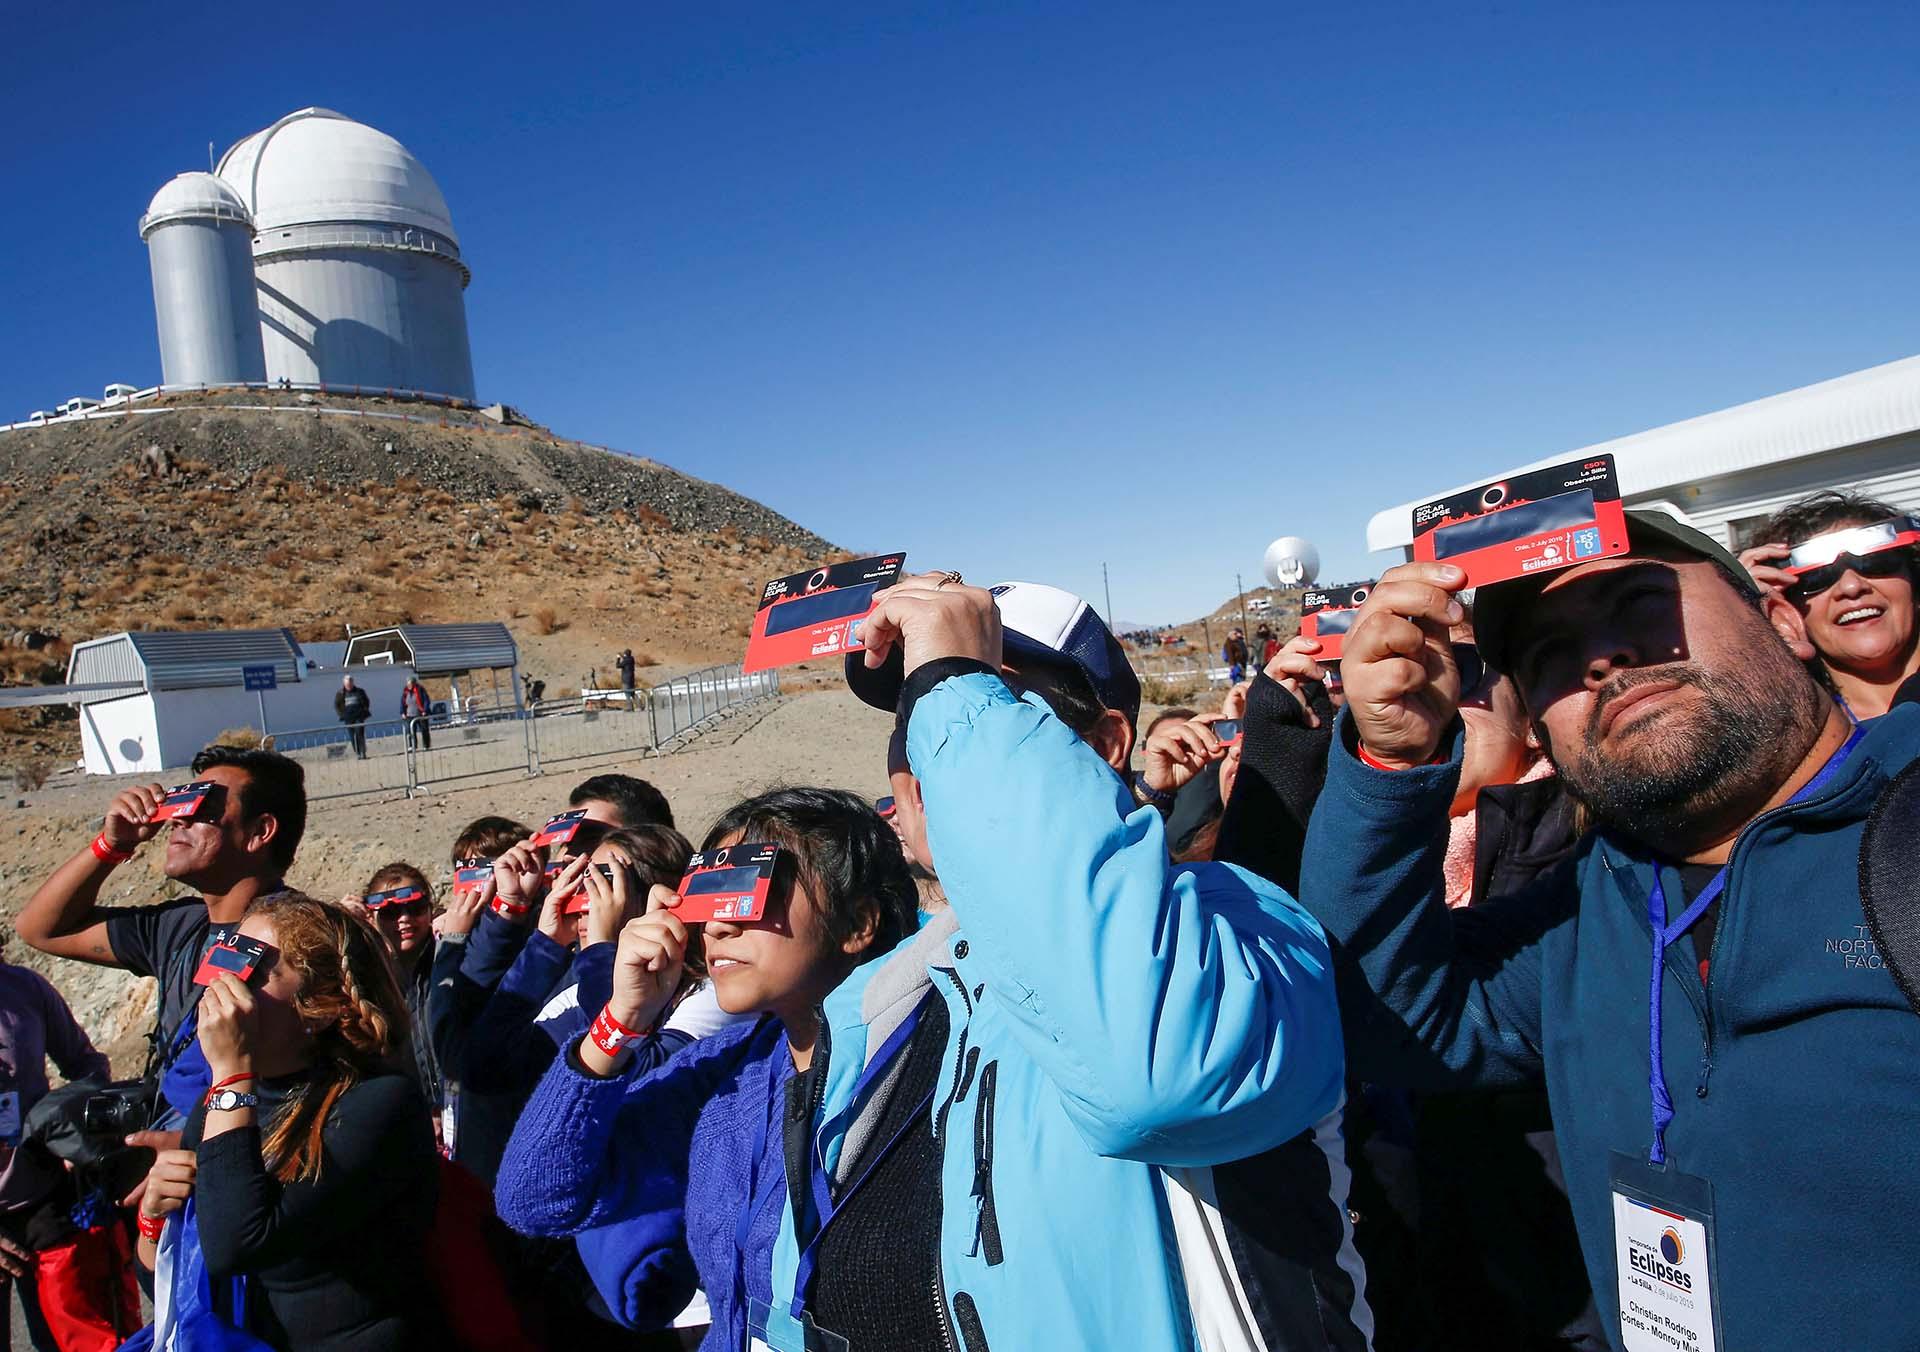 Gente prueba sus lentes especiales antes del eclipse solar en el Observatorio Europeo Austral (ESO) de La Silla en Coquimbo, Chile (REUTERS/Rodrigo Garrido)